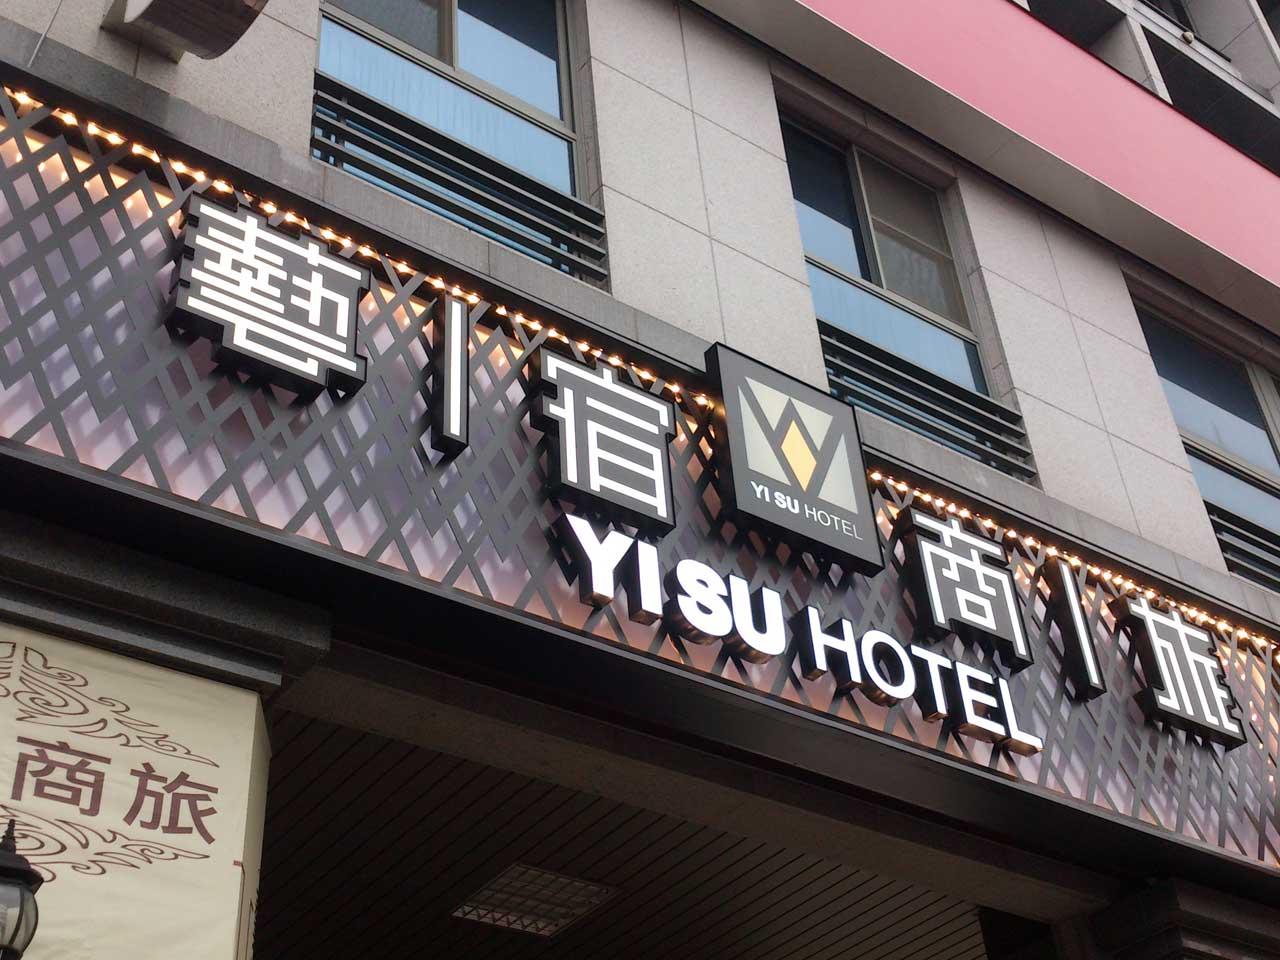 YISU_HOTEL1